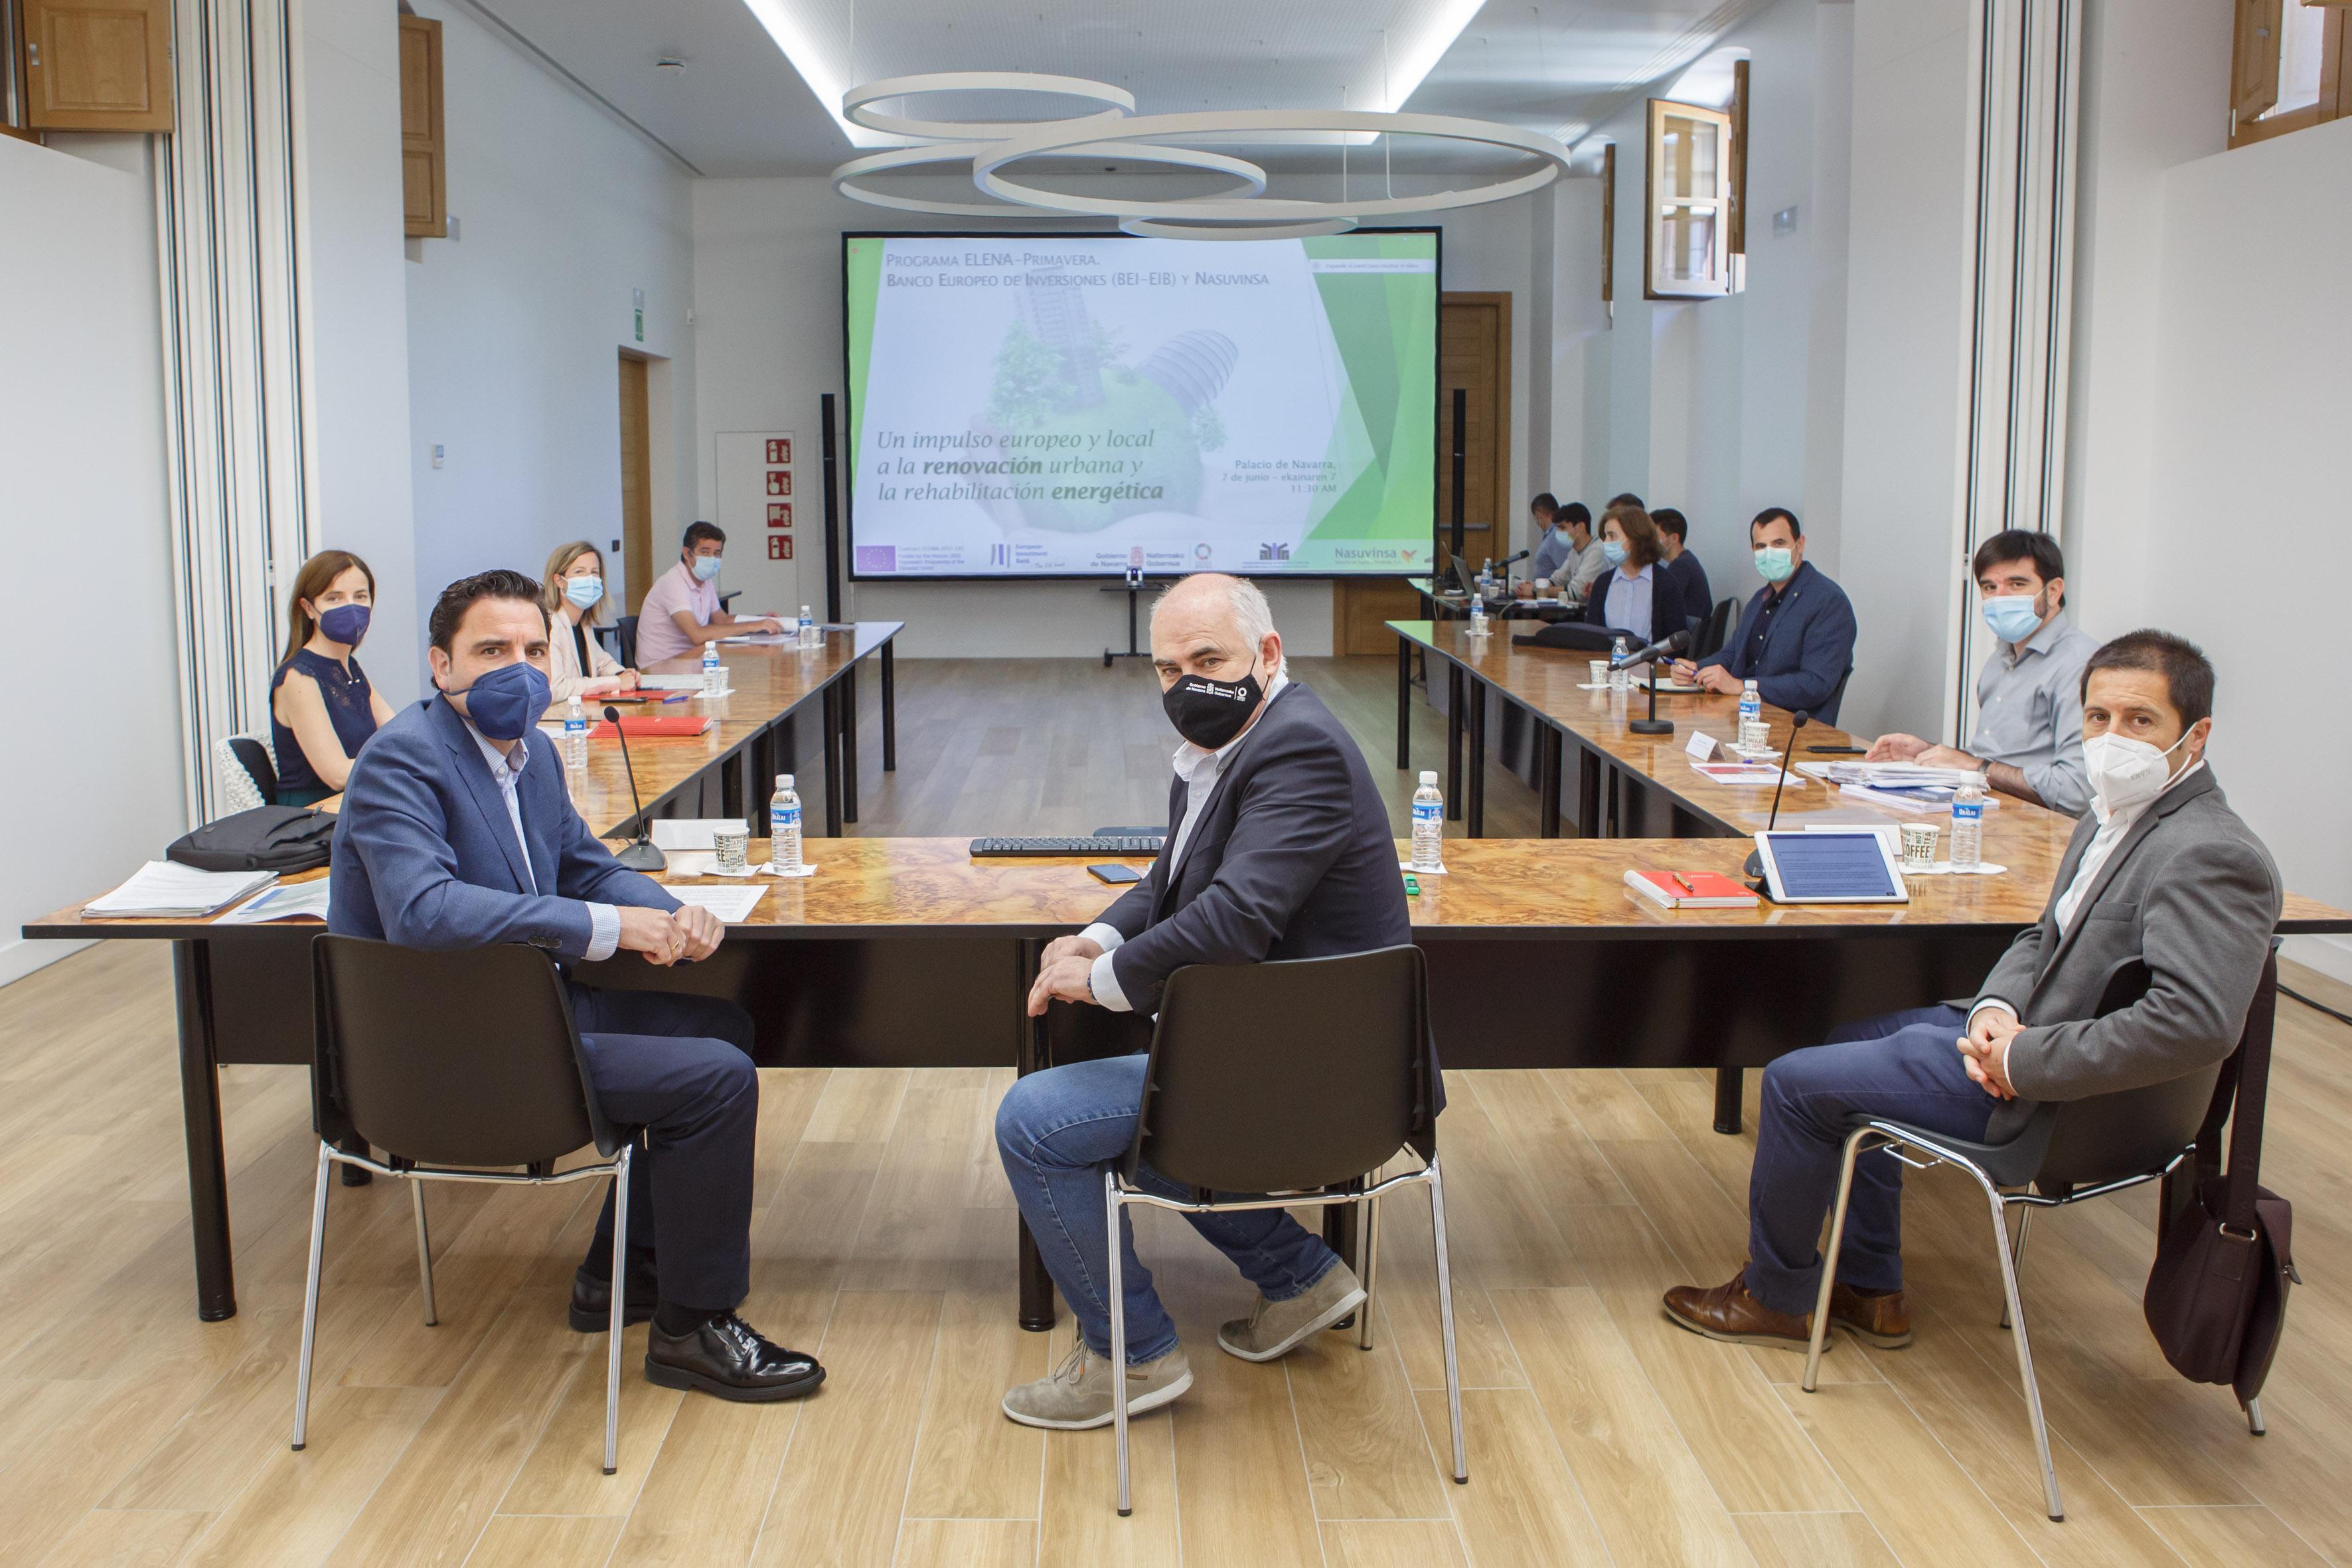 El consejero Aierdi, junto con el director gerente de Nasuvinsa, Alberto Bayona (izda), y el presidente de la FNMC, Juan Carlos Castillo (dcha), y el resto de participantes en el encuentro telemático para presentar el convenio con el Banco Europeo de Inversiones (BEI).